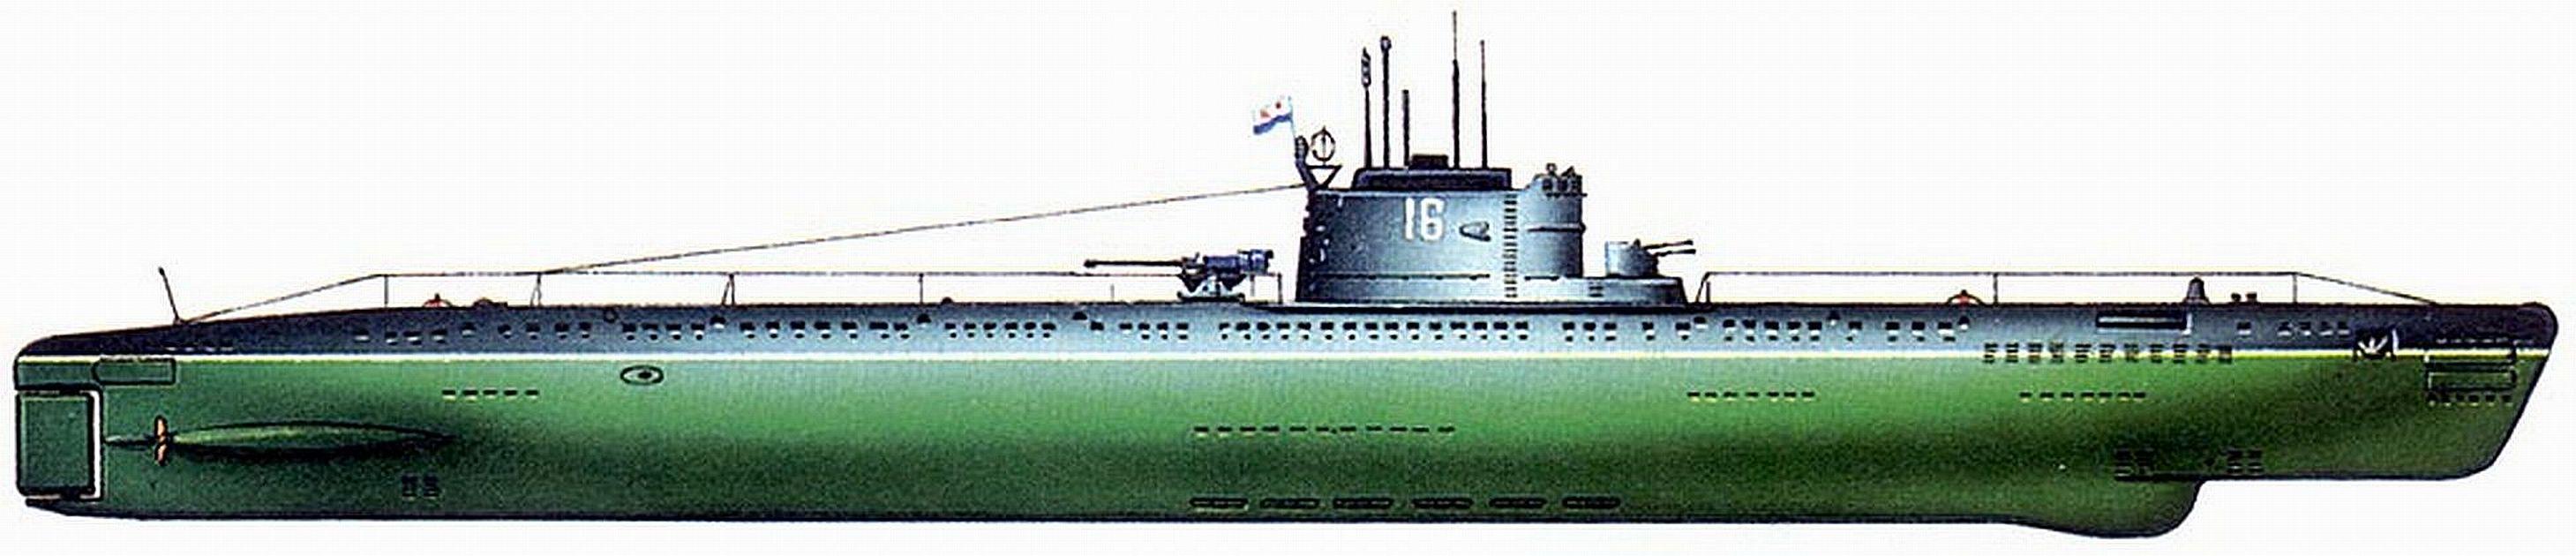 советские и российские атомные подводные лодки